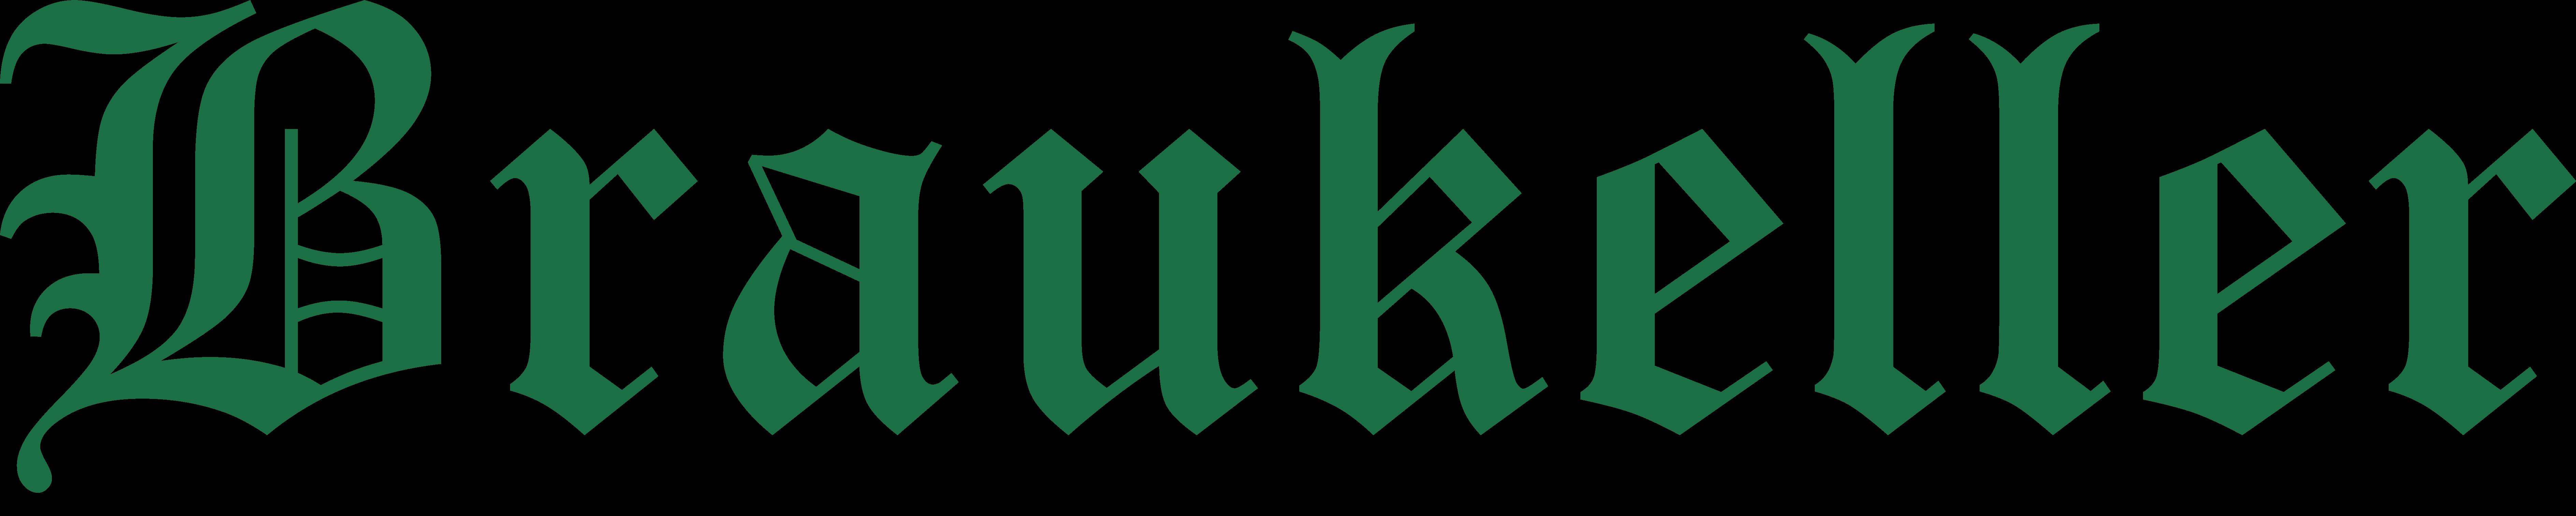 Braukeller-Mettmann-Logo01-1